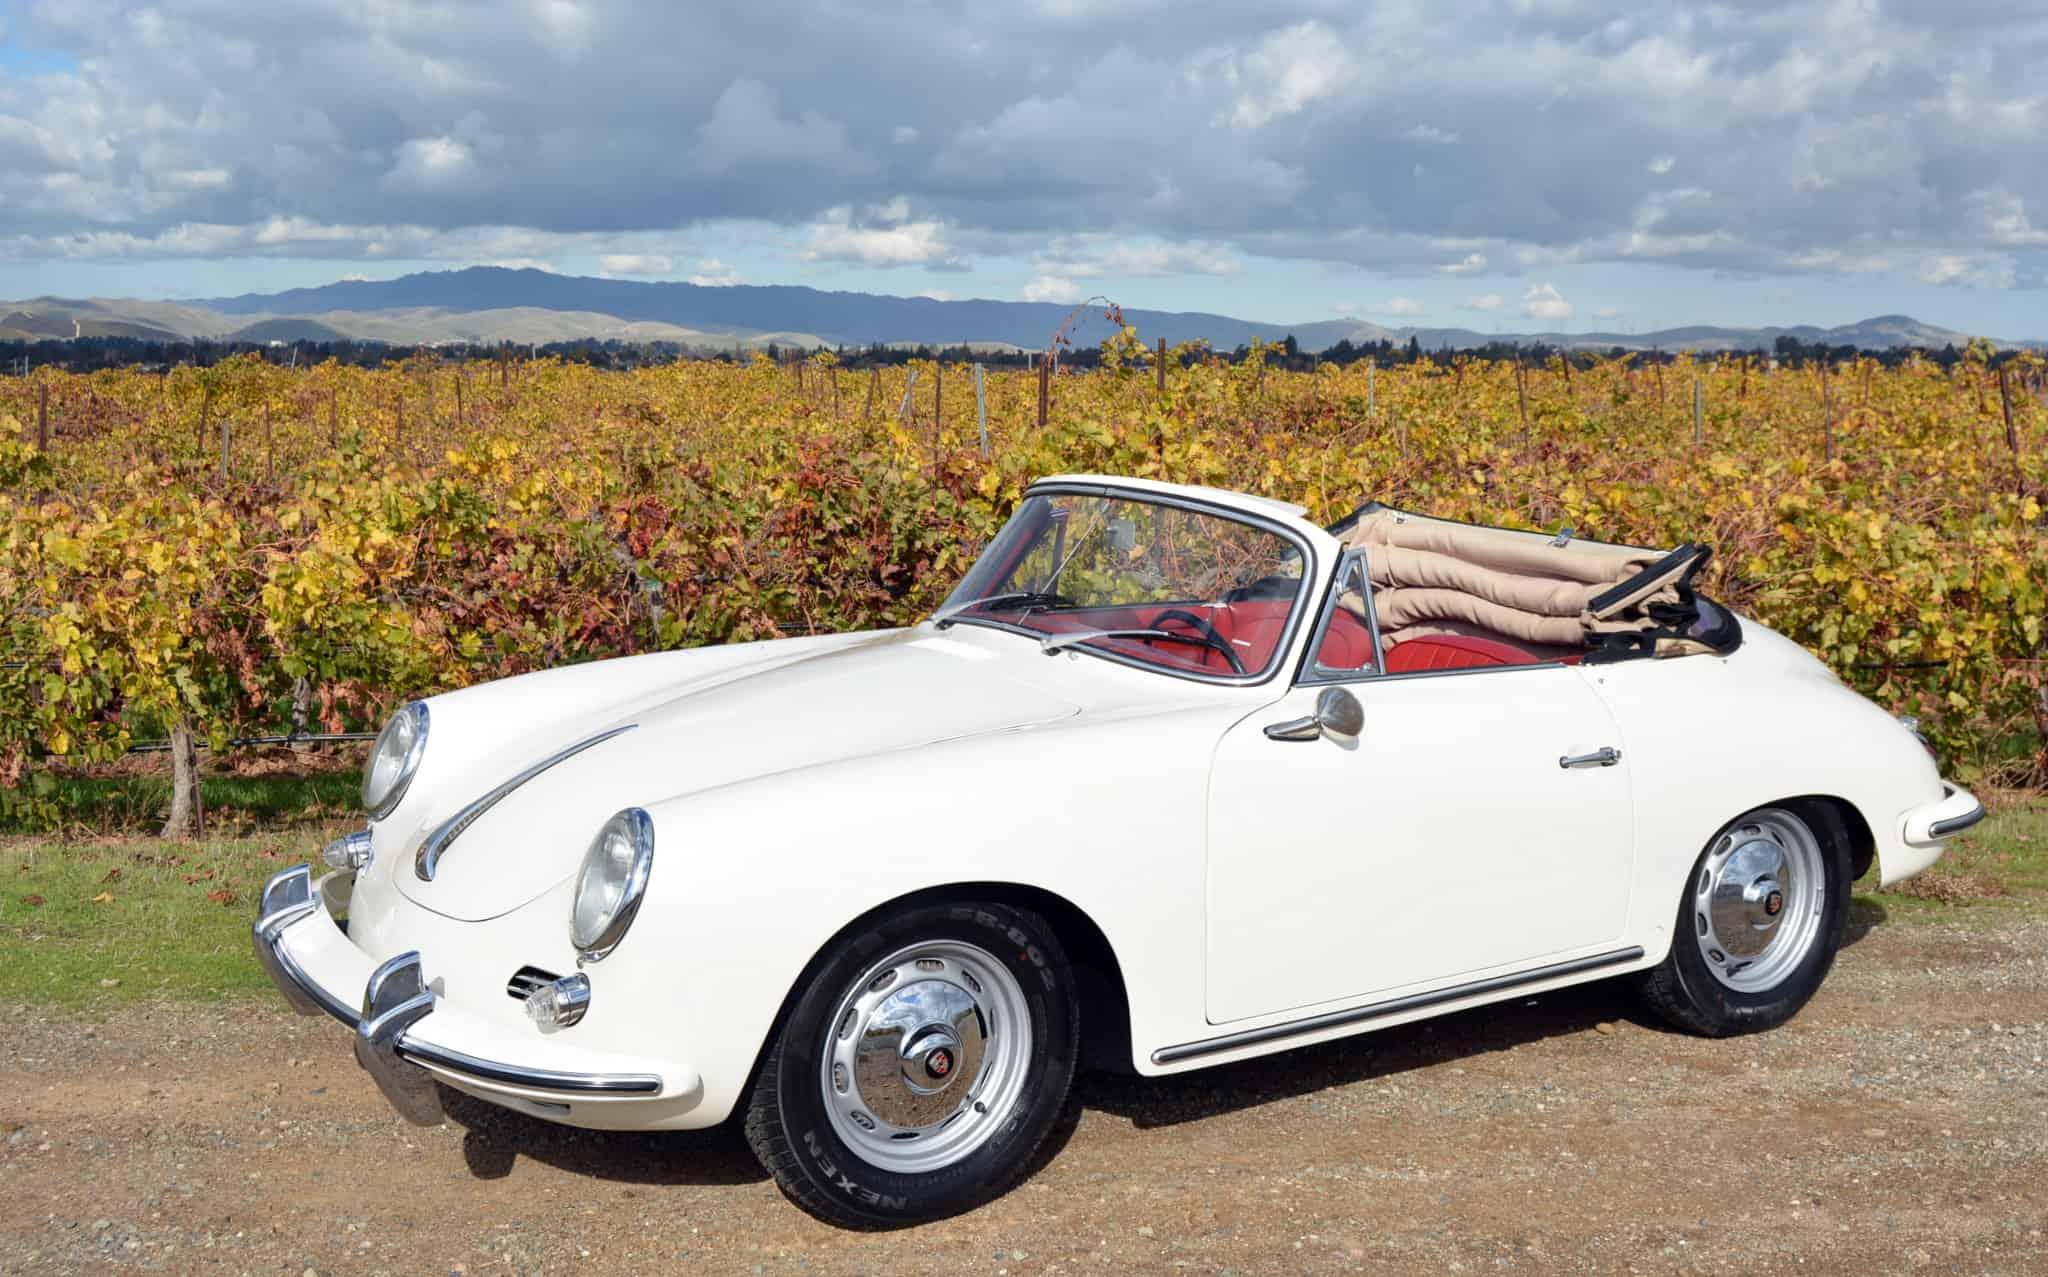 1962 Porsche 356b Reutter Cabriolet For Sale Contact Dusty Cars